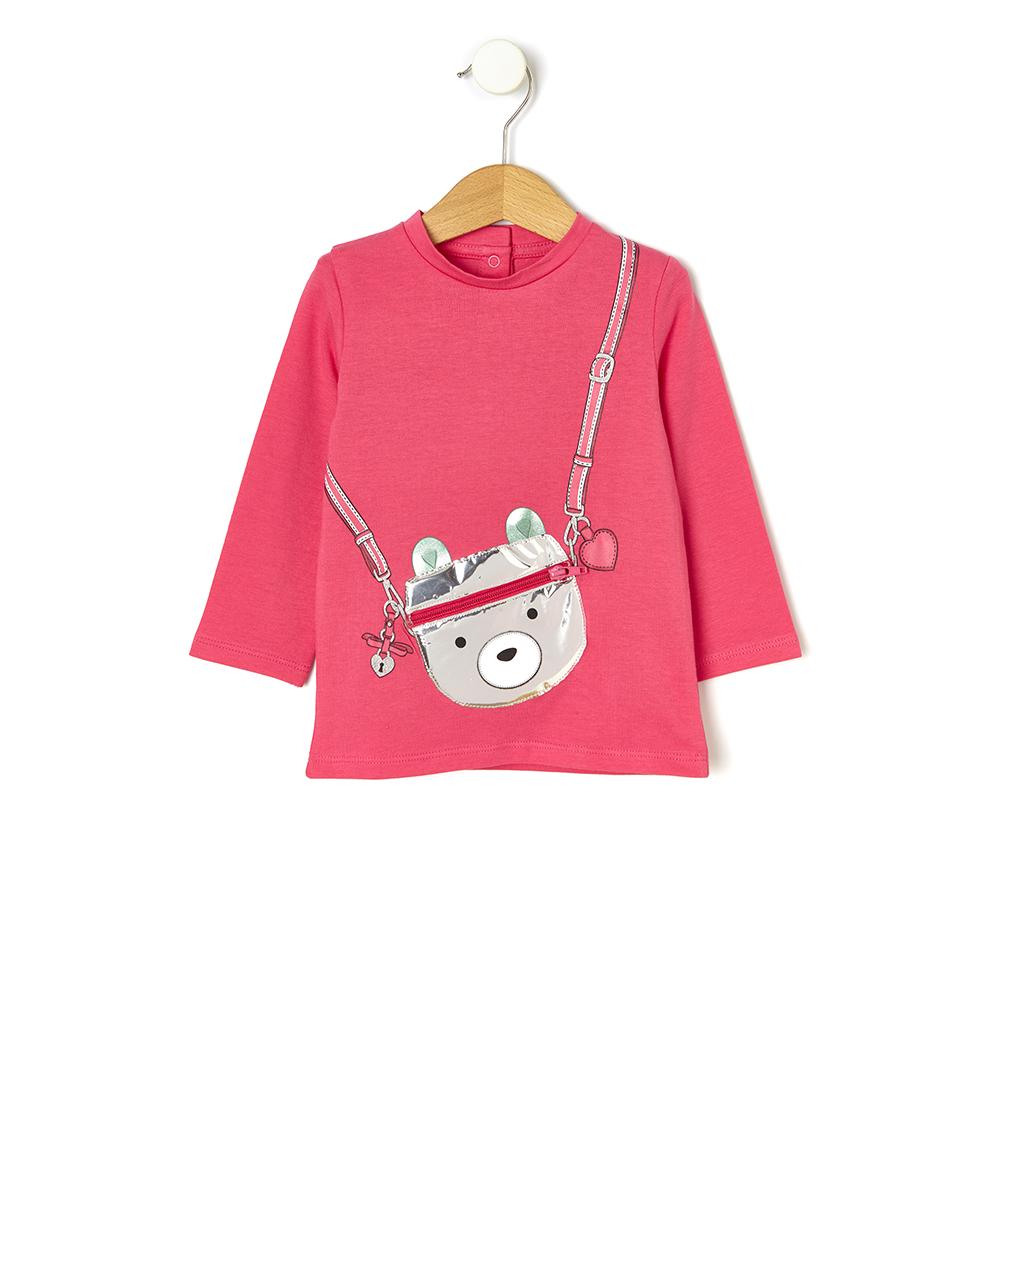 Μπλούζα Μακρυμάνικη Φούξια με Αρκουδάκι για Κορίτσι